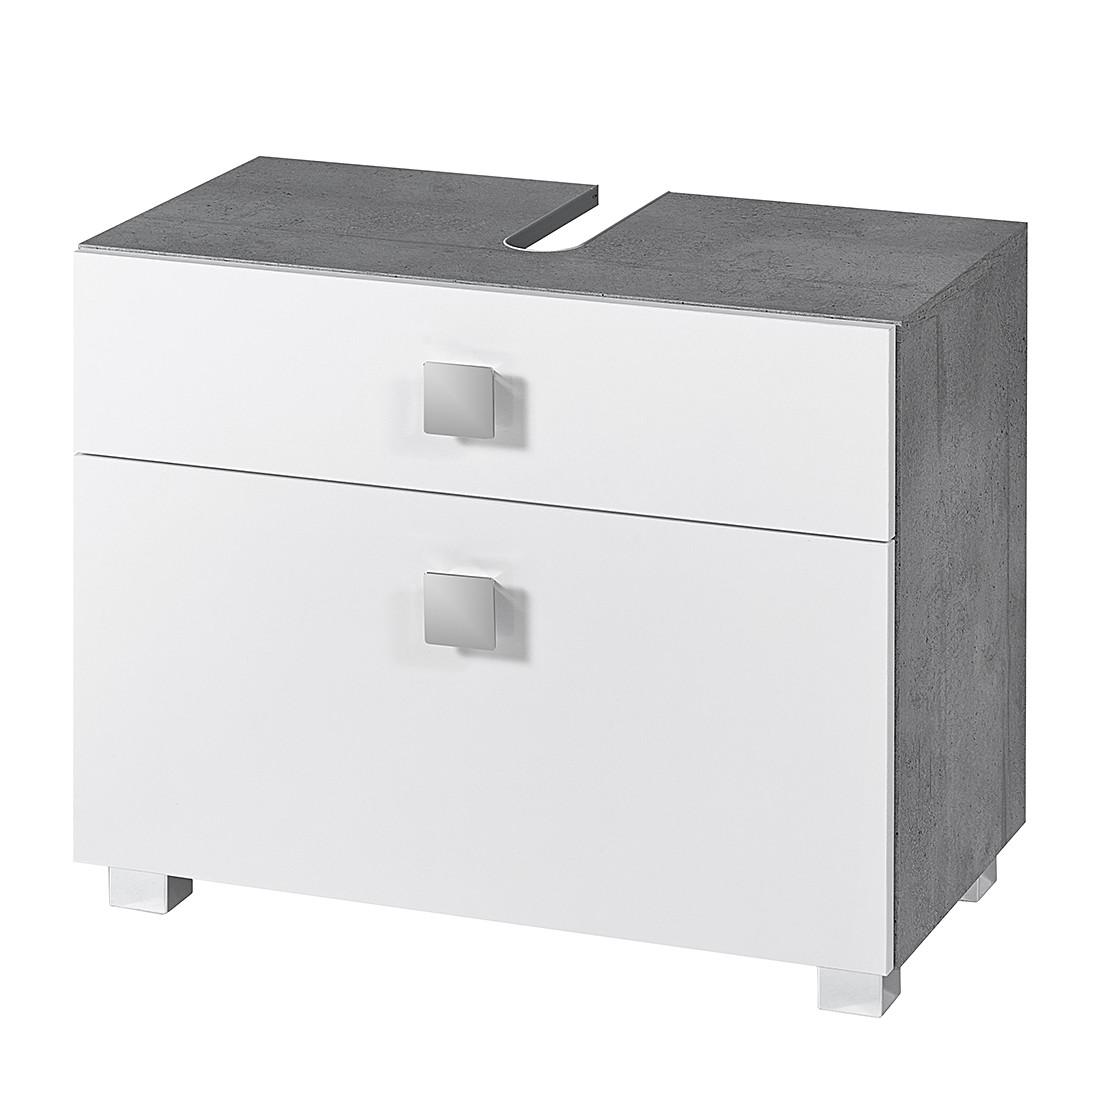 Armadietto da lavabo Genf - Bianco lucido/Grigio pietra, Schildmeyer